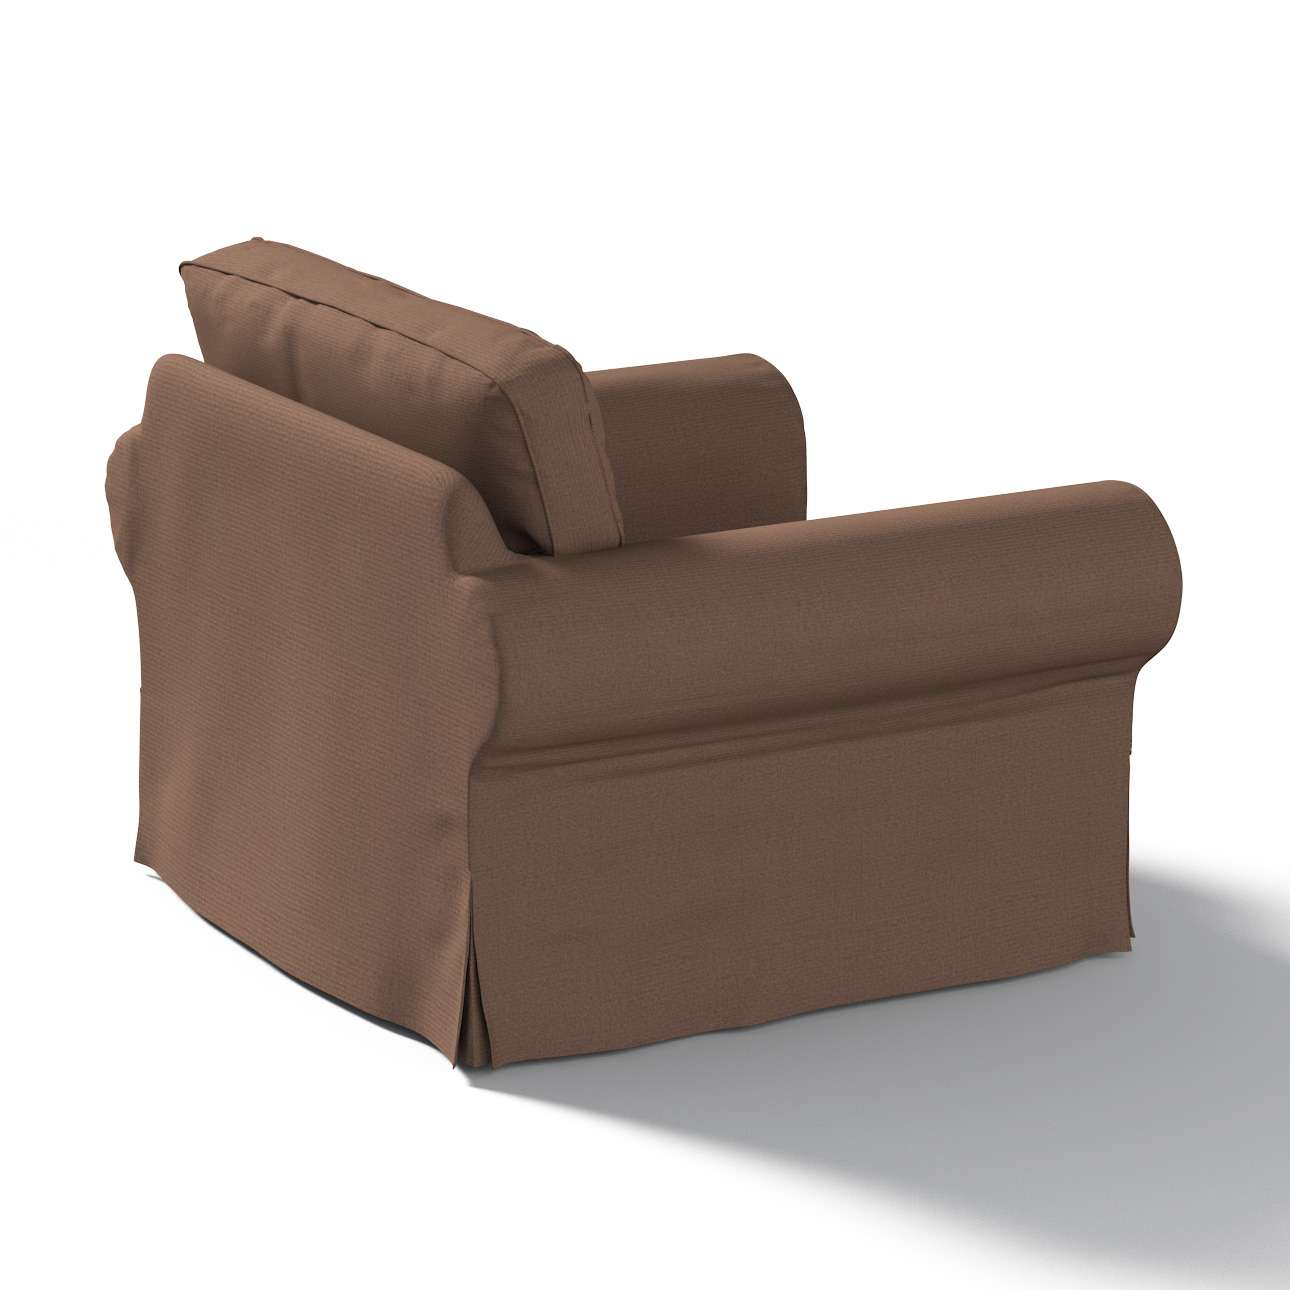 Pokrowiec na fotel Ektorp Fotel Ektorp w kolekcji Etna , tkanina: 705-08